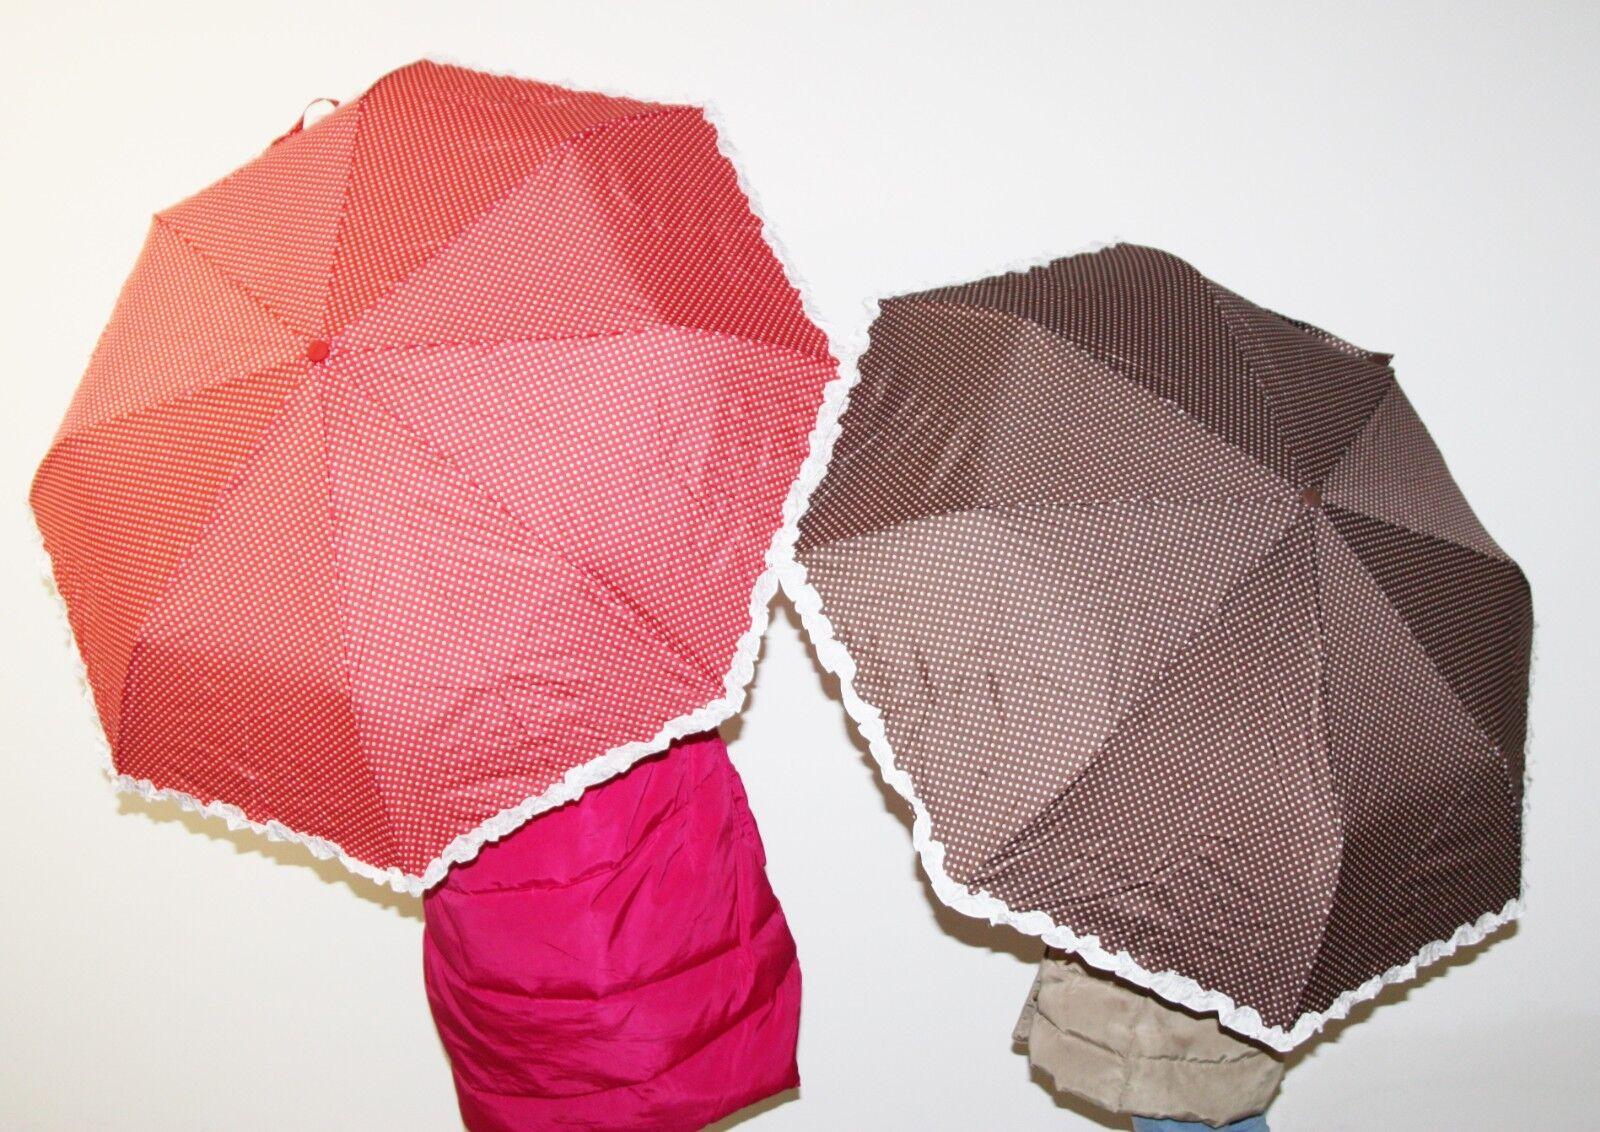 Romantique pur parapluie petit format pliable parapluie à pois à volants